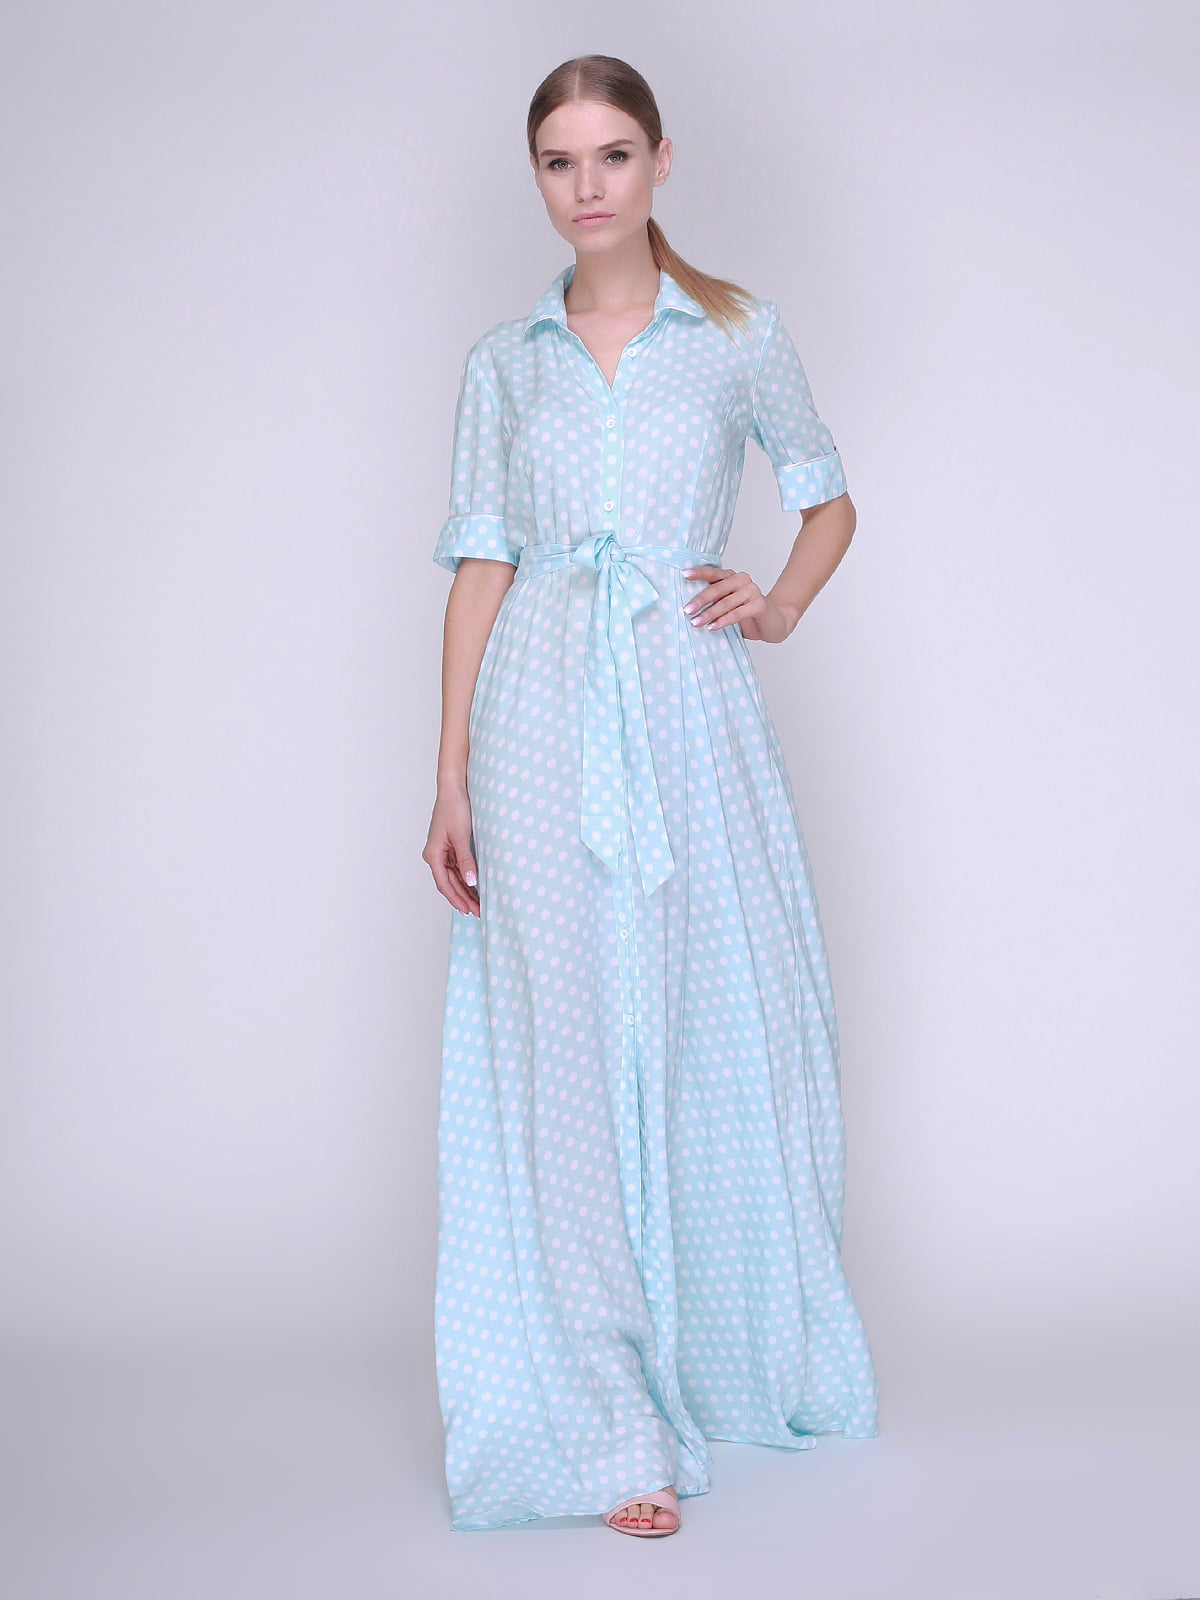 ac021c8878a Платье-рубашка голубое в горох — Karseka